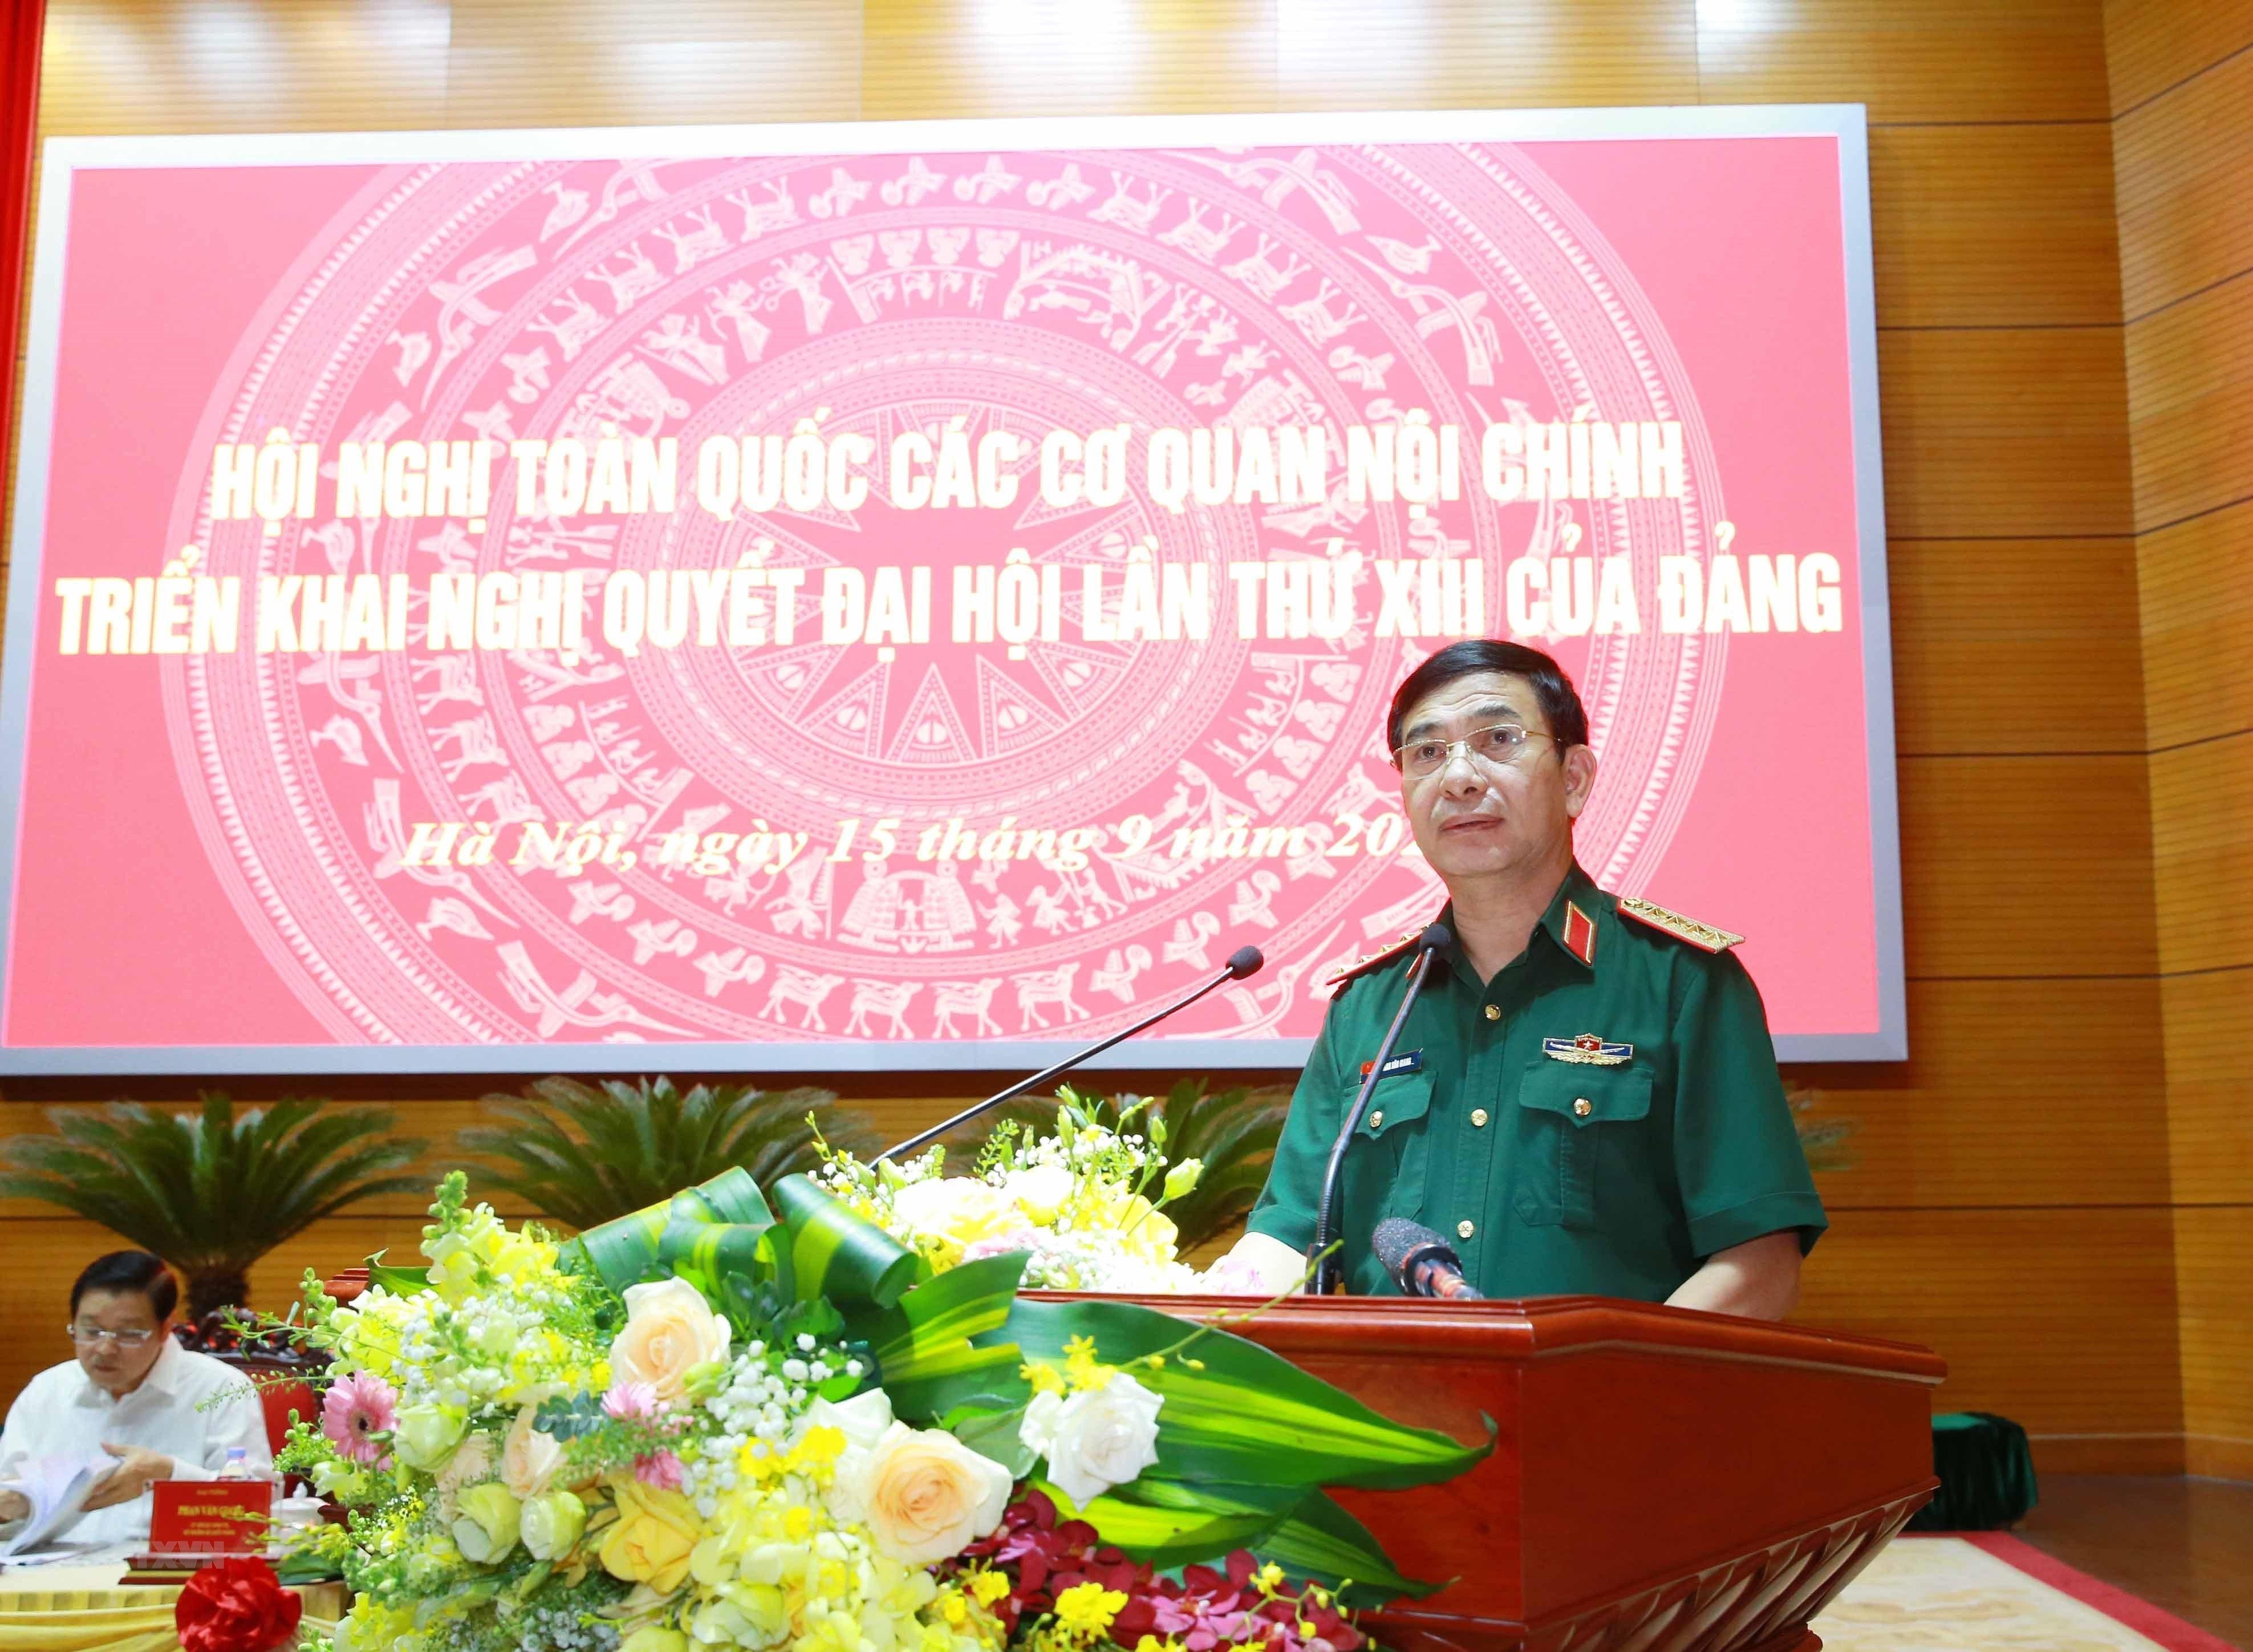 [Photo] Tong Bi thu chu tri Hoi nghi toan quoc cac co quan noi chinh hinh anh 11